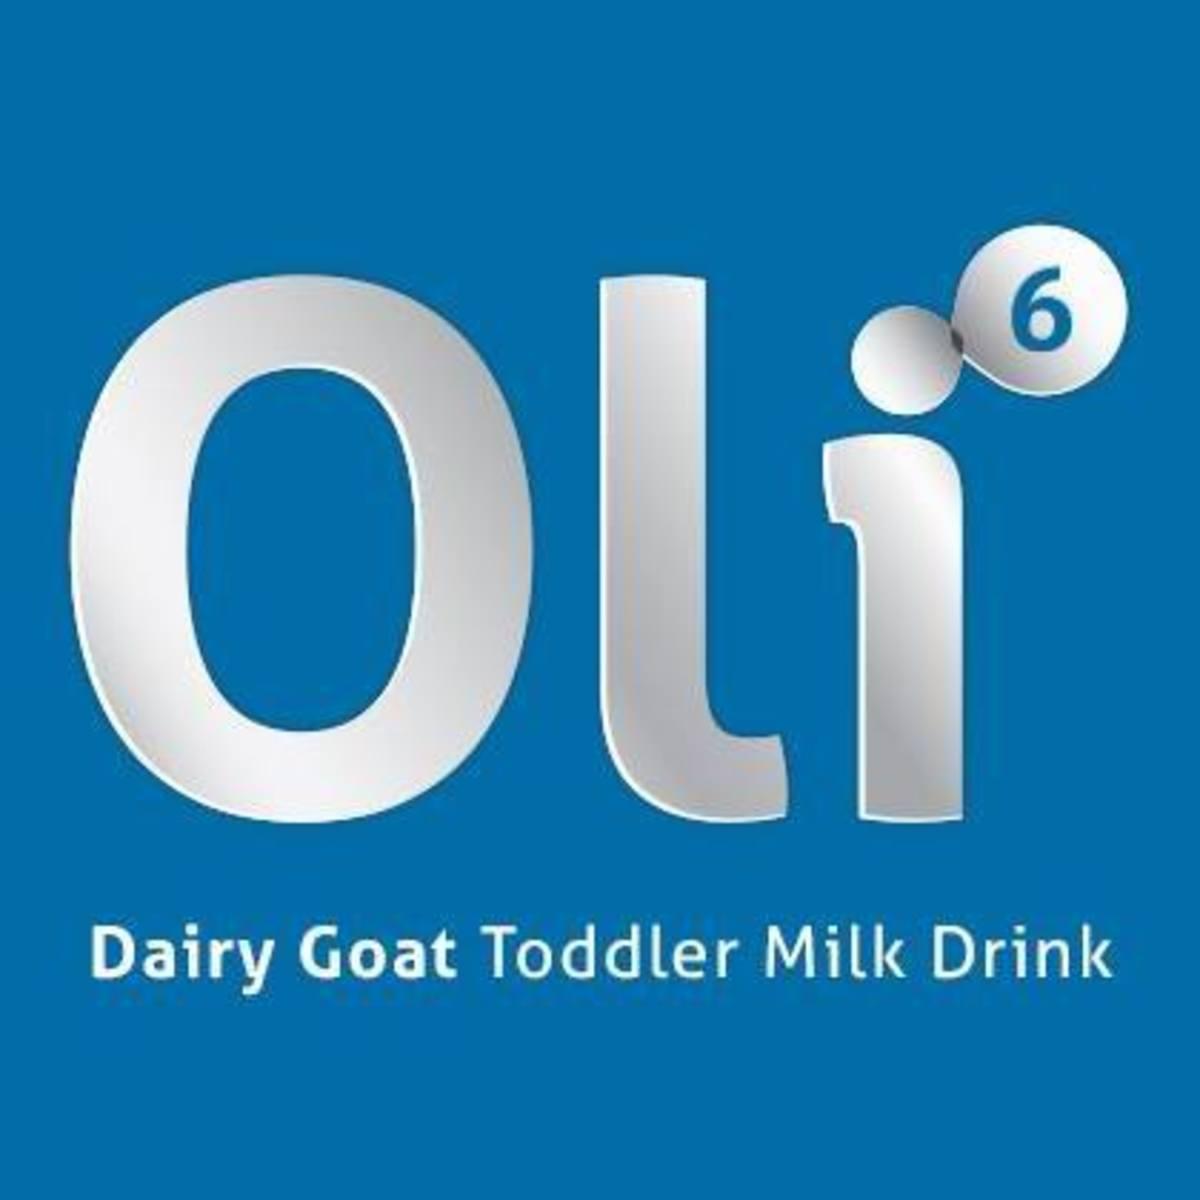 Oli6 Dairy Goat Milk Logo